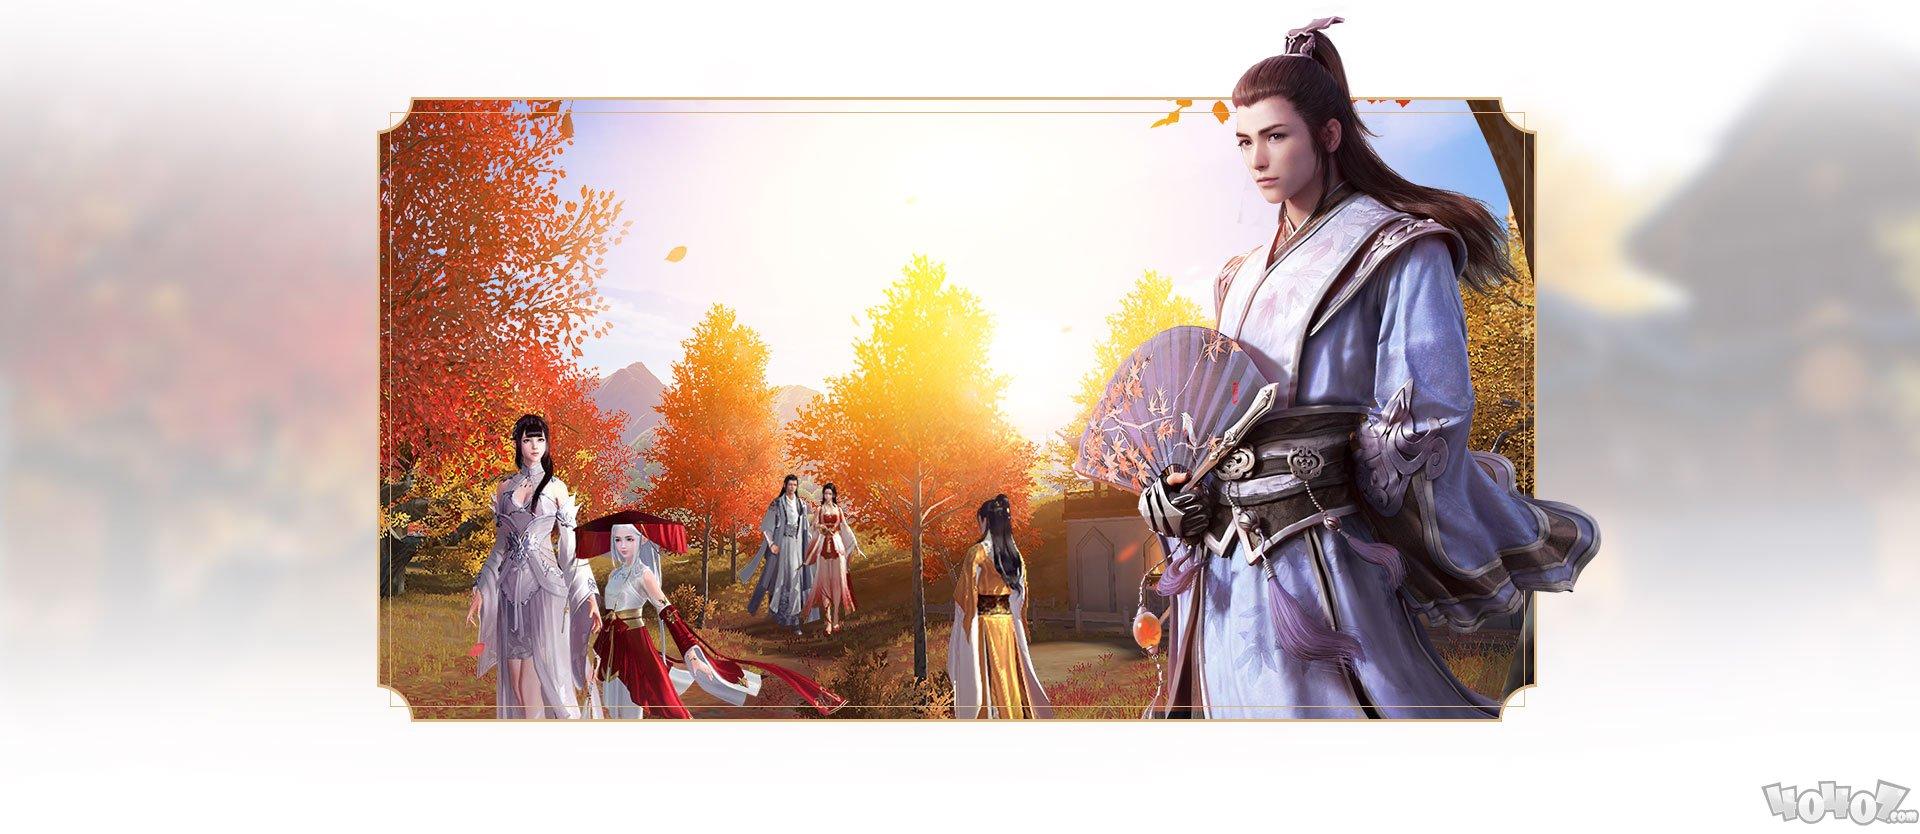 天涯明月刀手游玄鸟凤凰剑在哪 玄鸟凤凰剑怎么获得